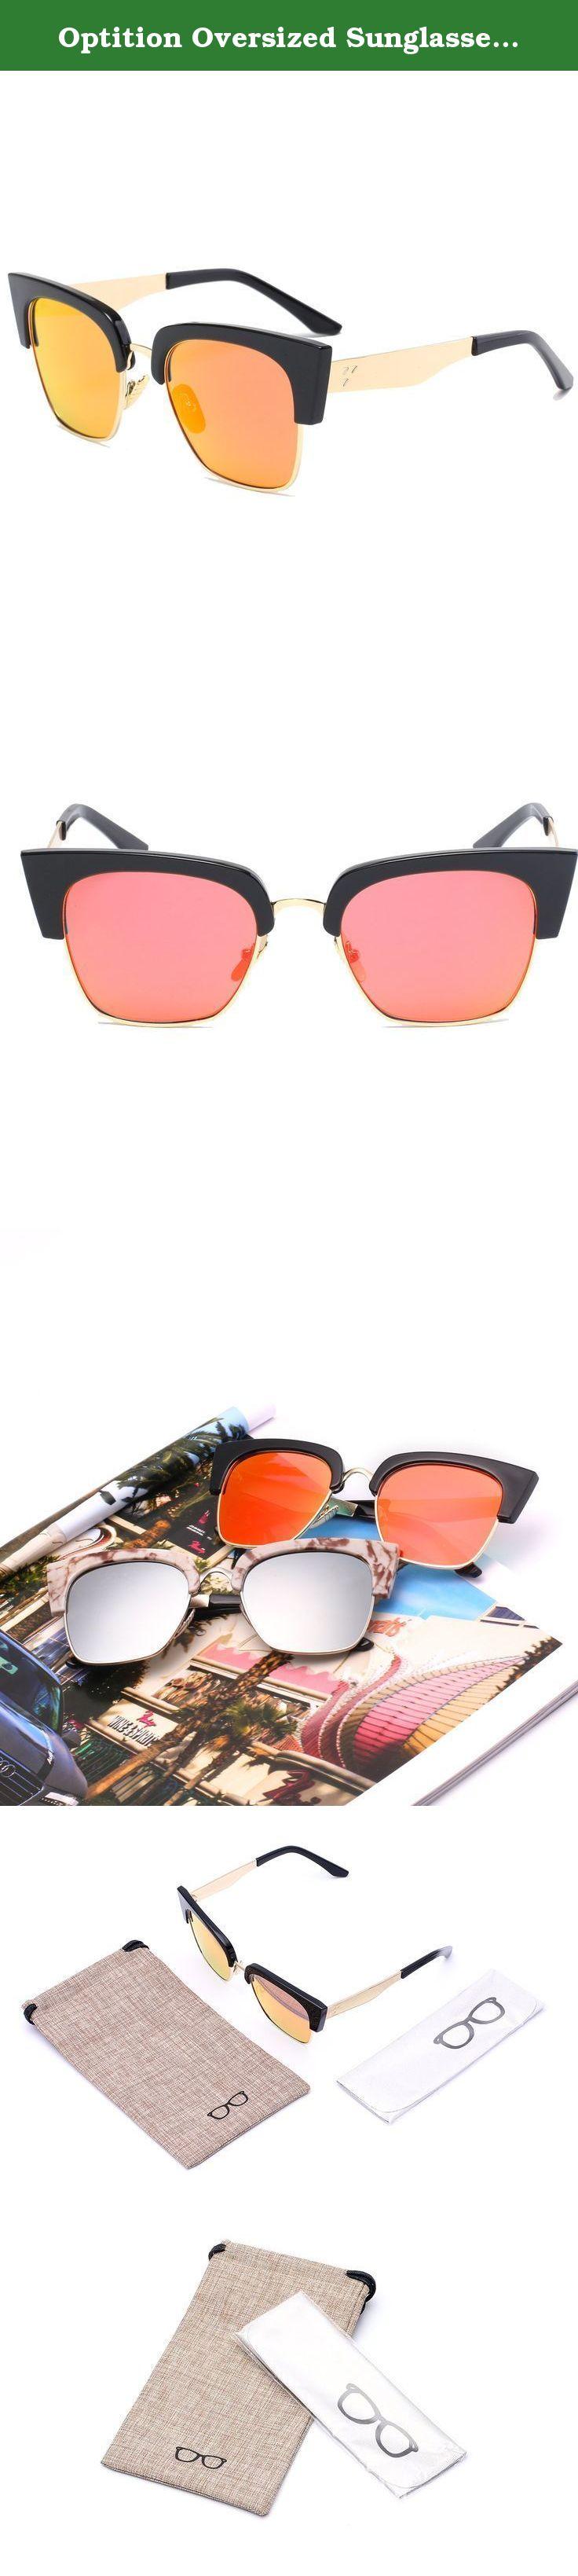 Optition Oversized Sunglasses Unisex Flat Top Square Frame Fashion